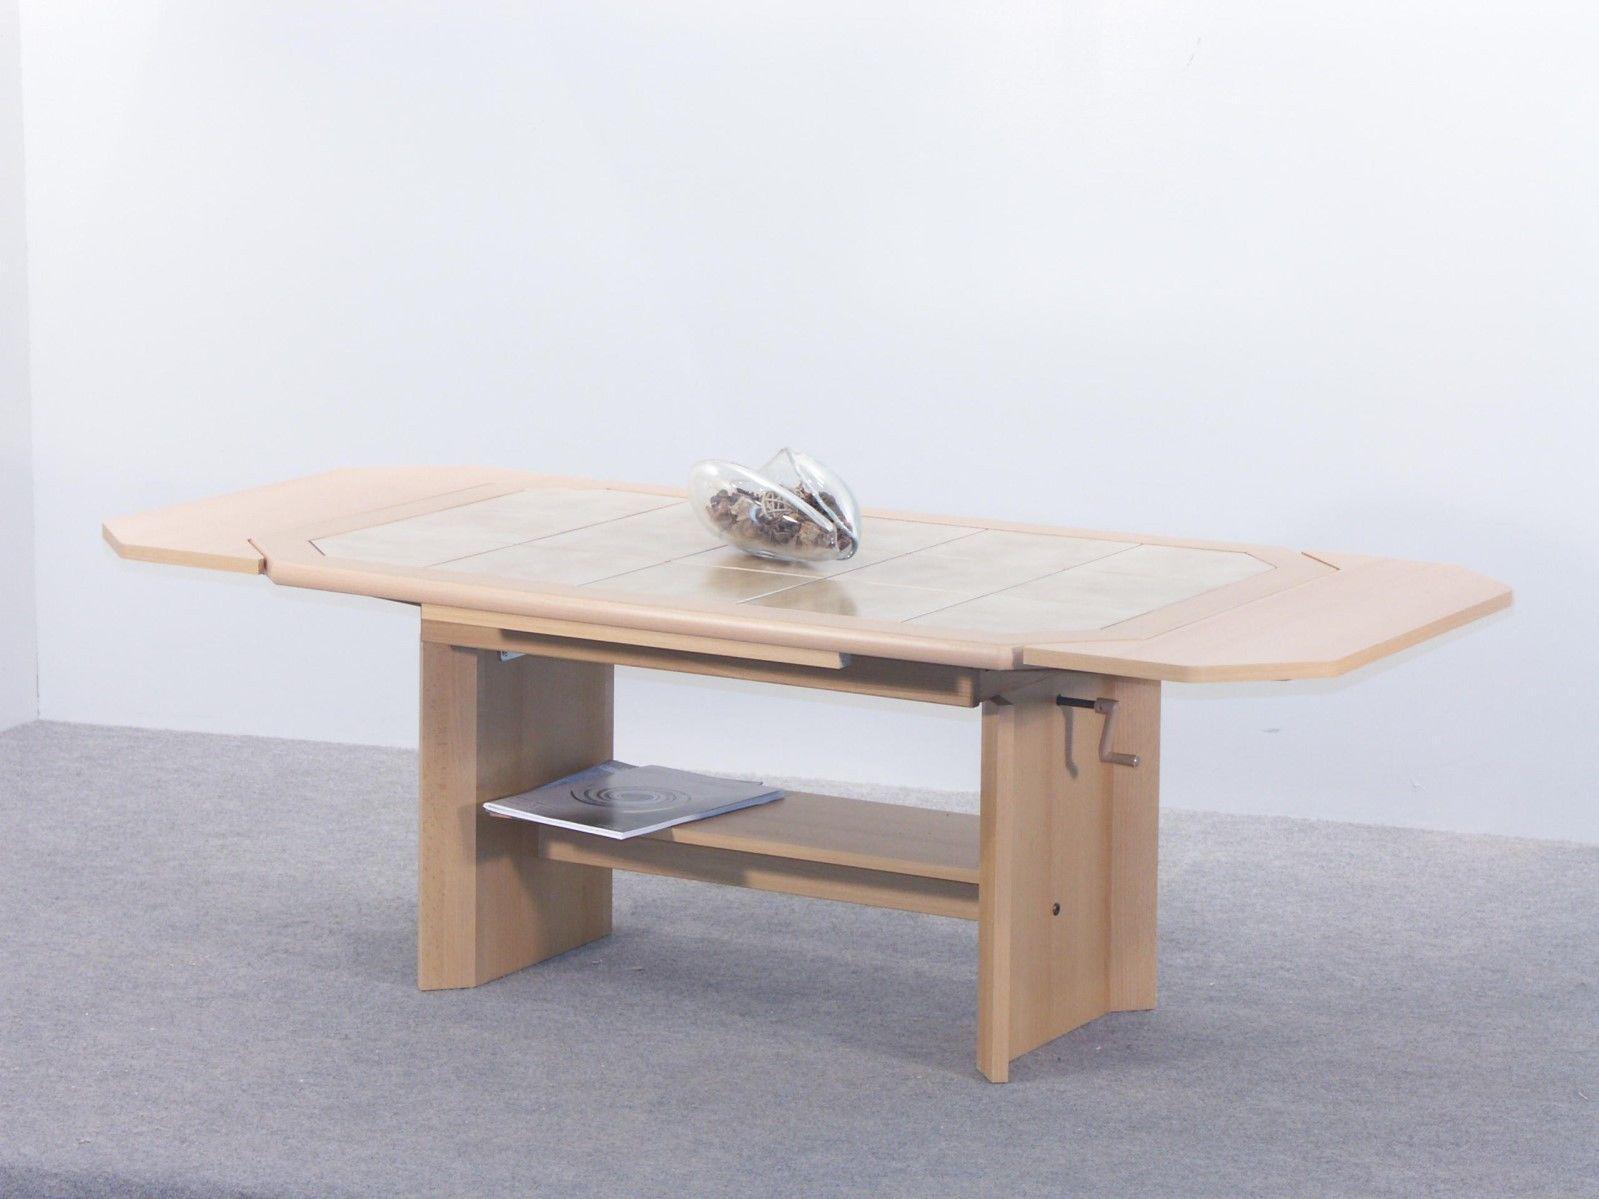 Couchtisch mit zwei funktionen maxi 115157 x 74 cm buche for Couchtisch zara